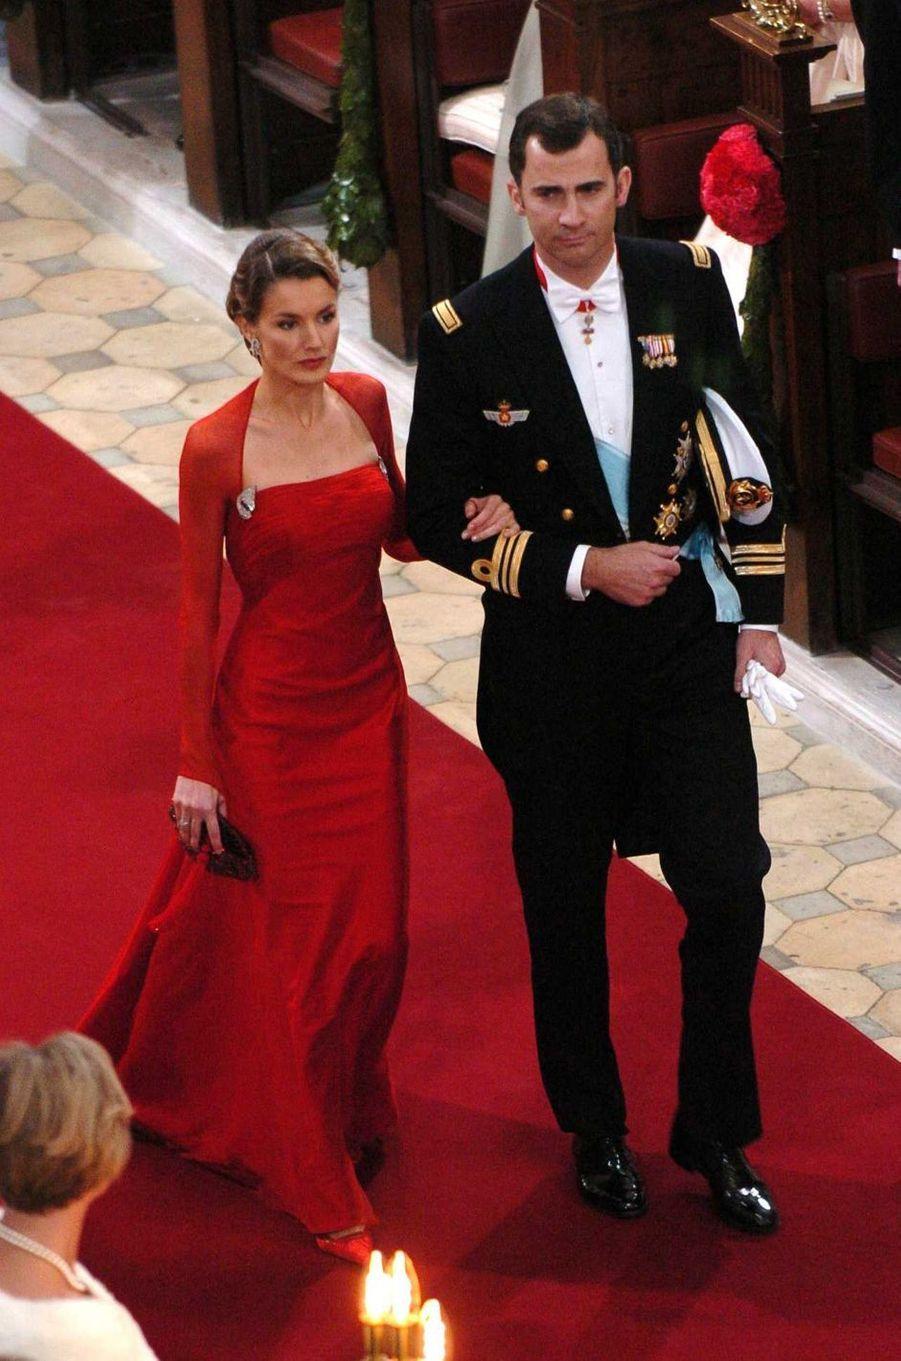 Le prince Felipe VI d'Espagne et sa fiancée Letizia Ortiz à Copenhague, le 14 mai 2004